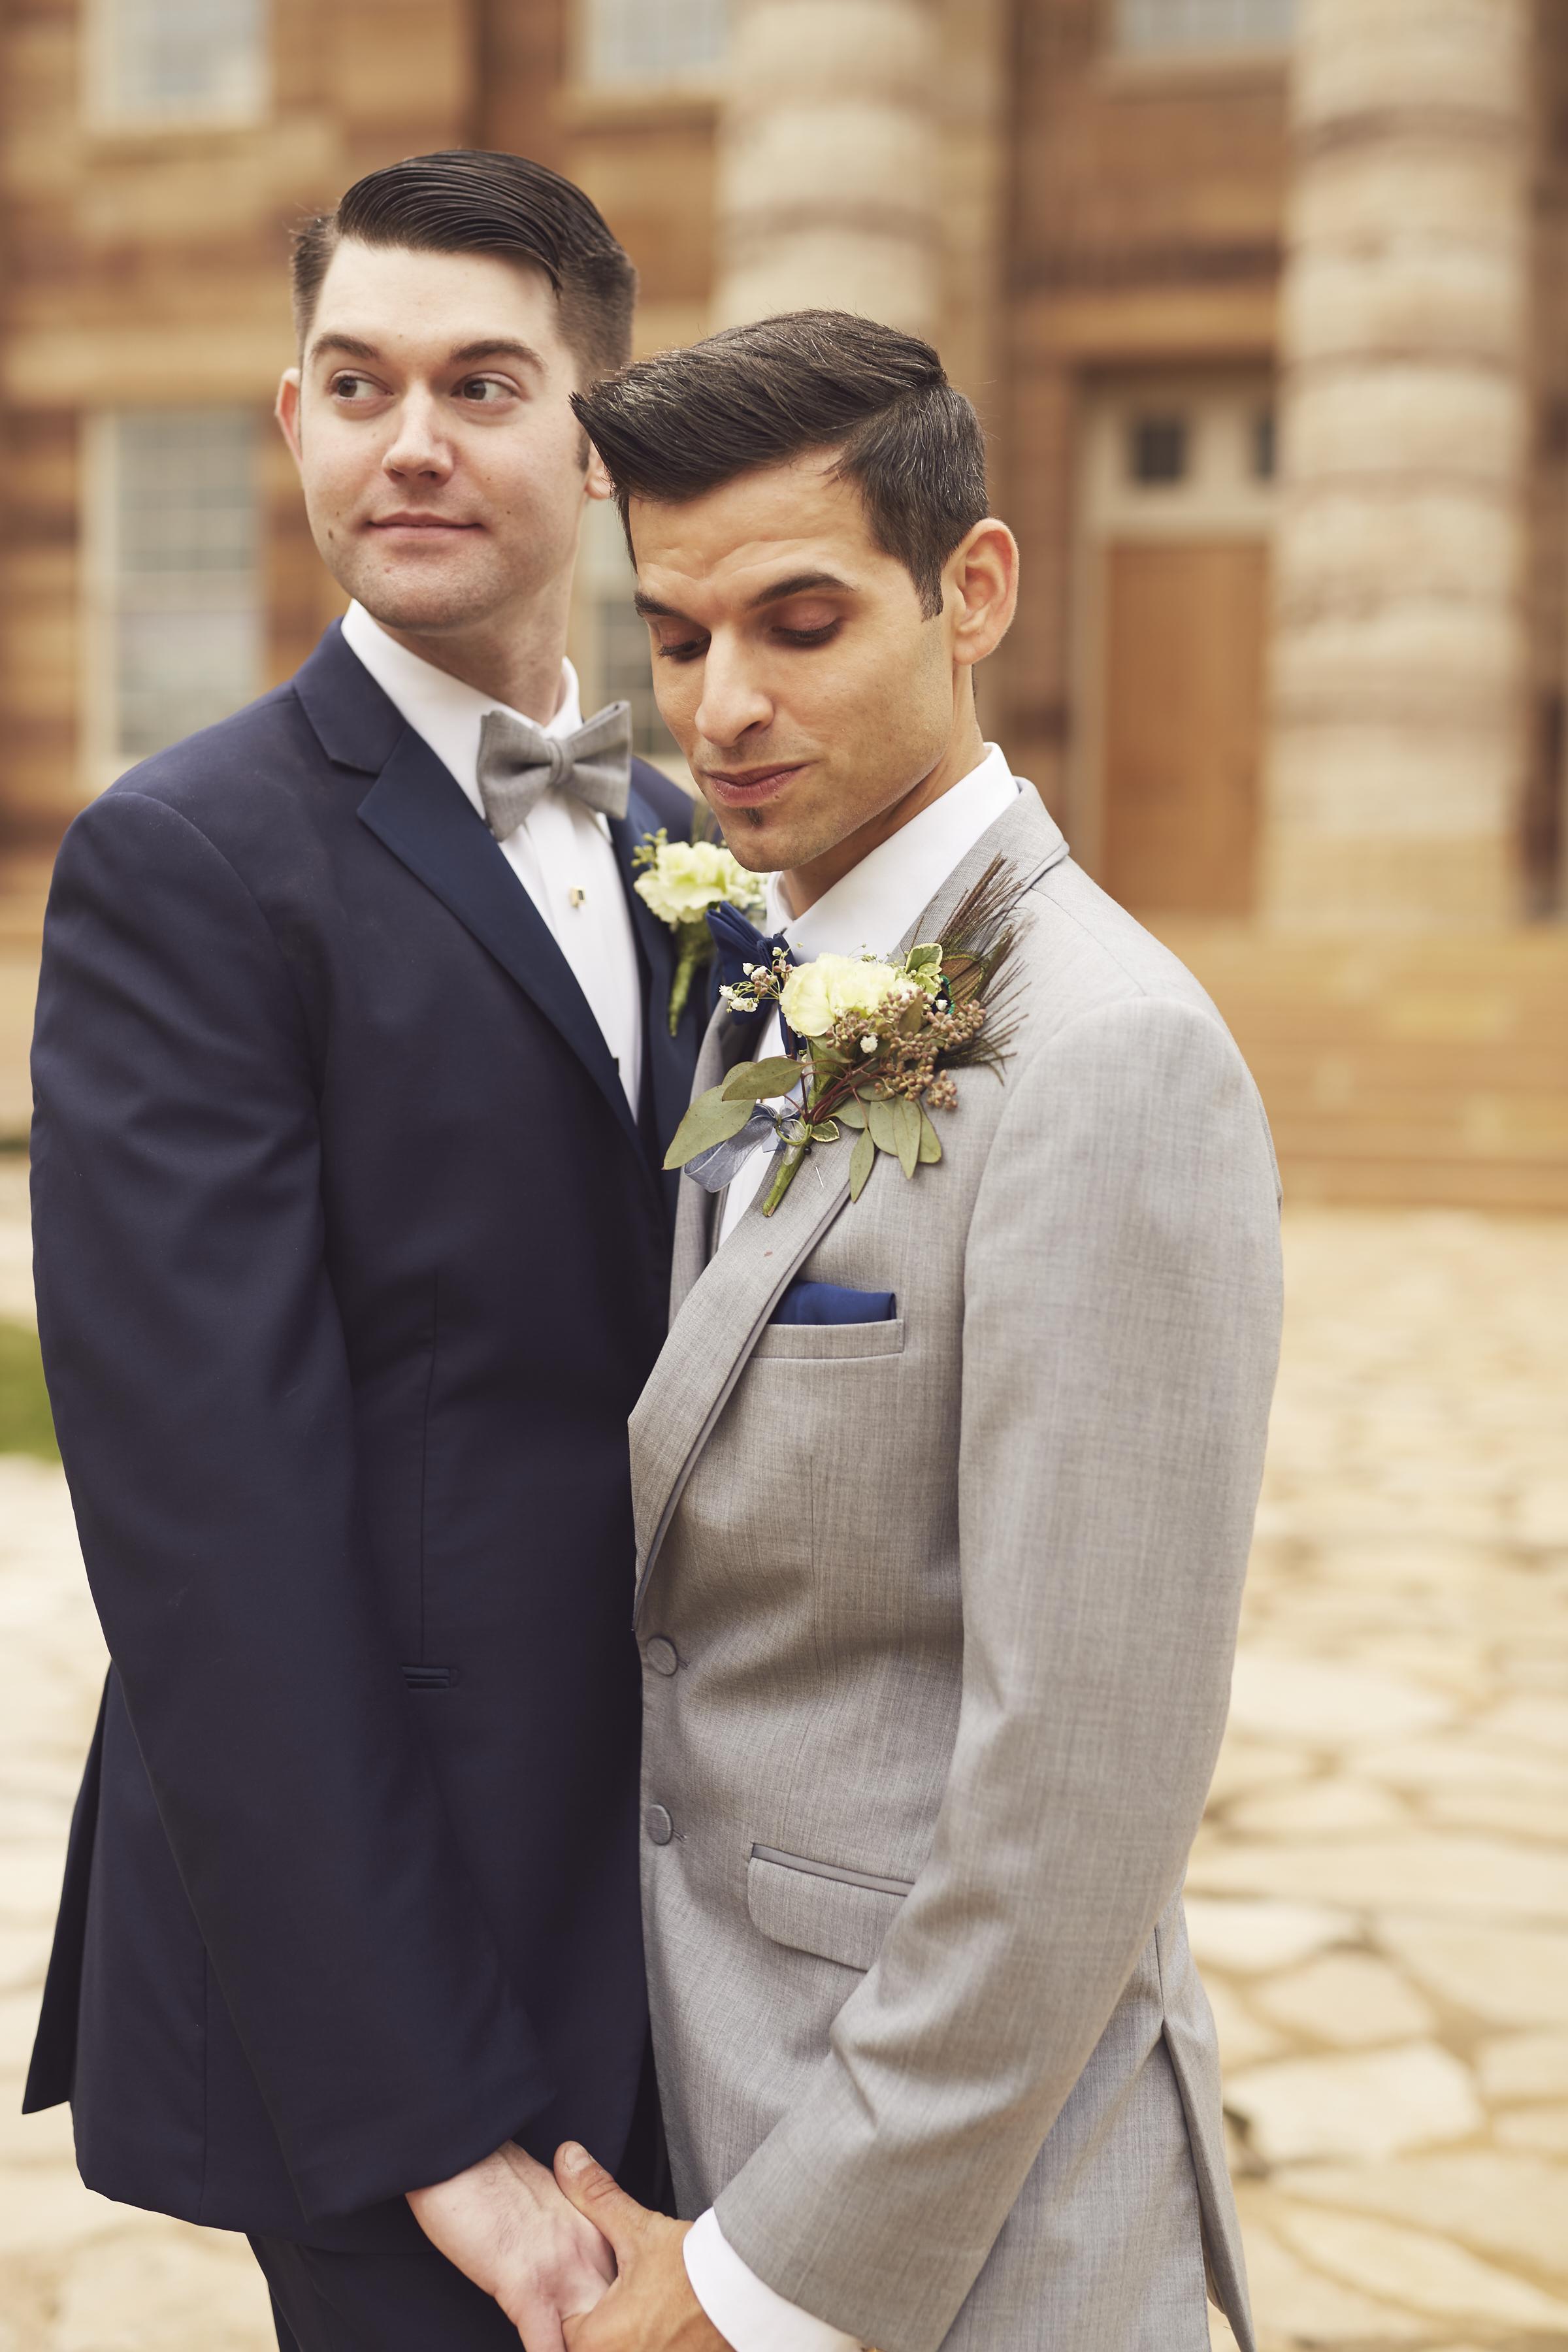 Grooms in Outdoor Wedding Portrait